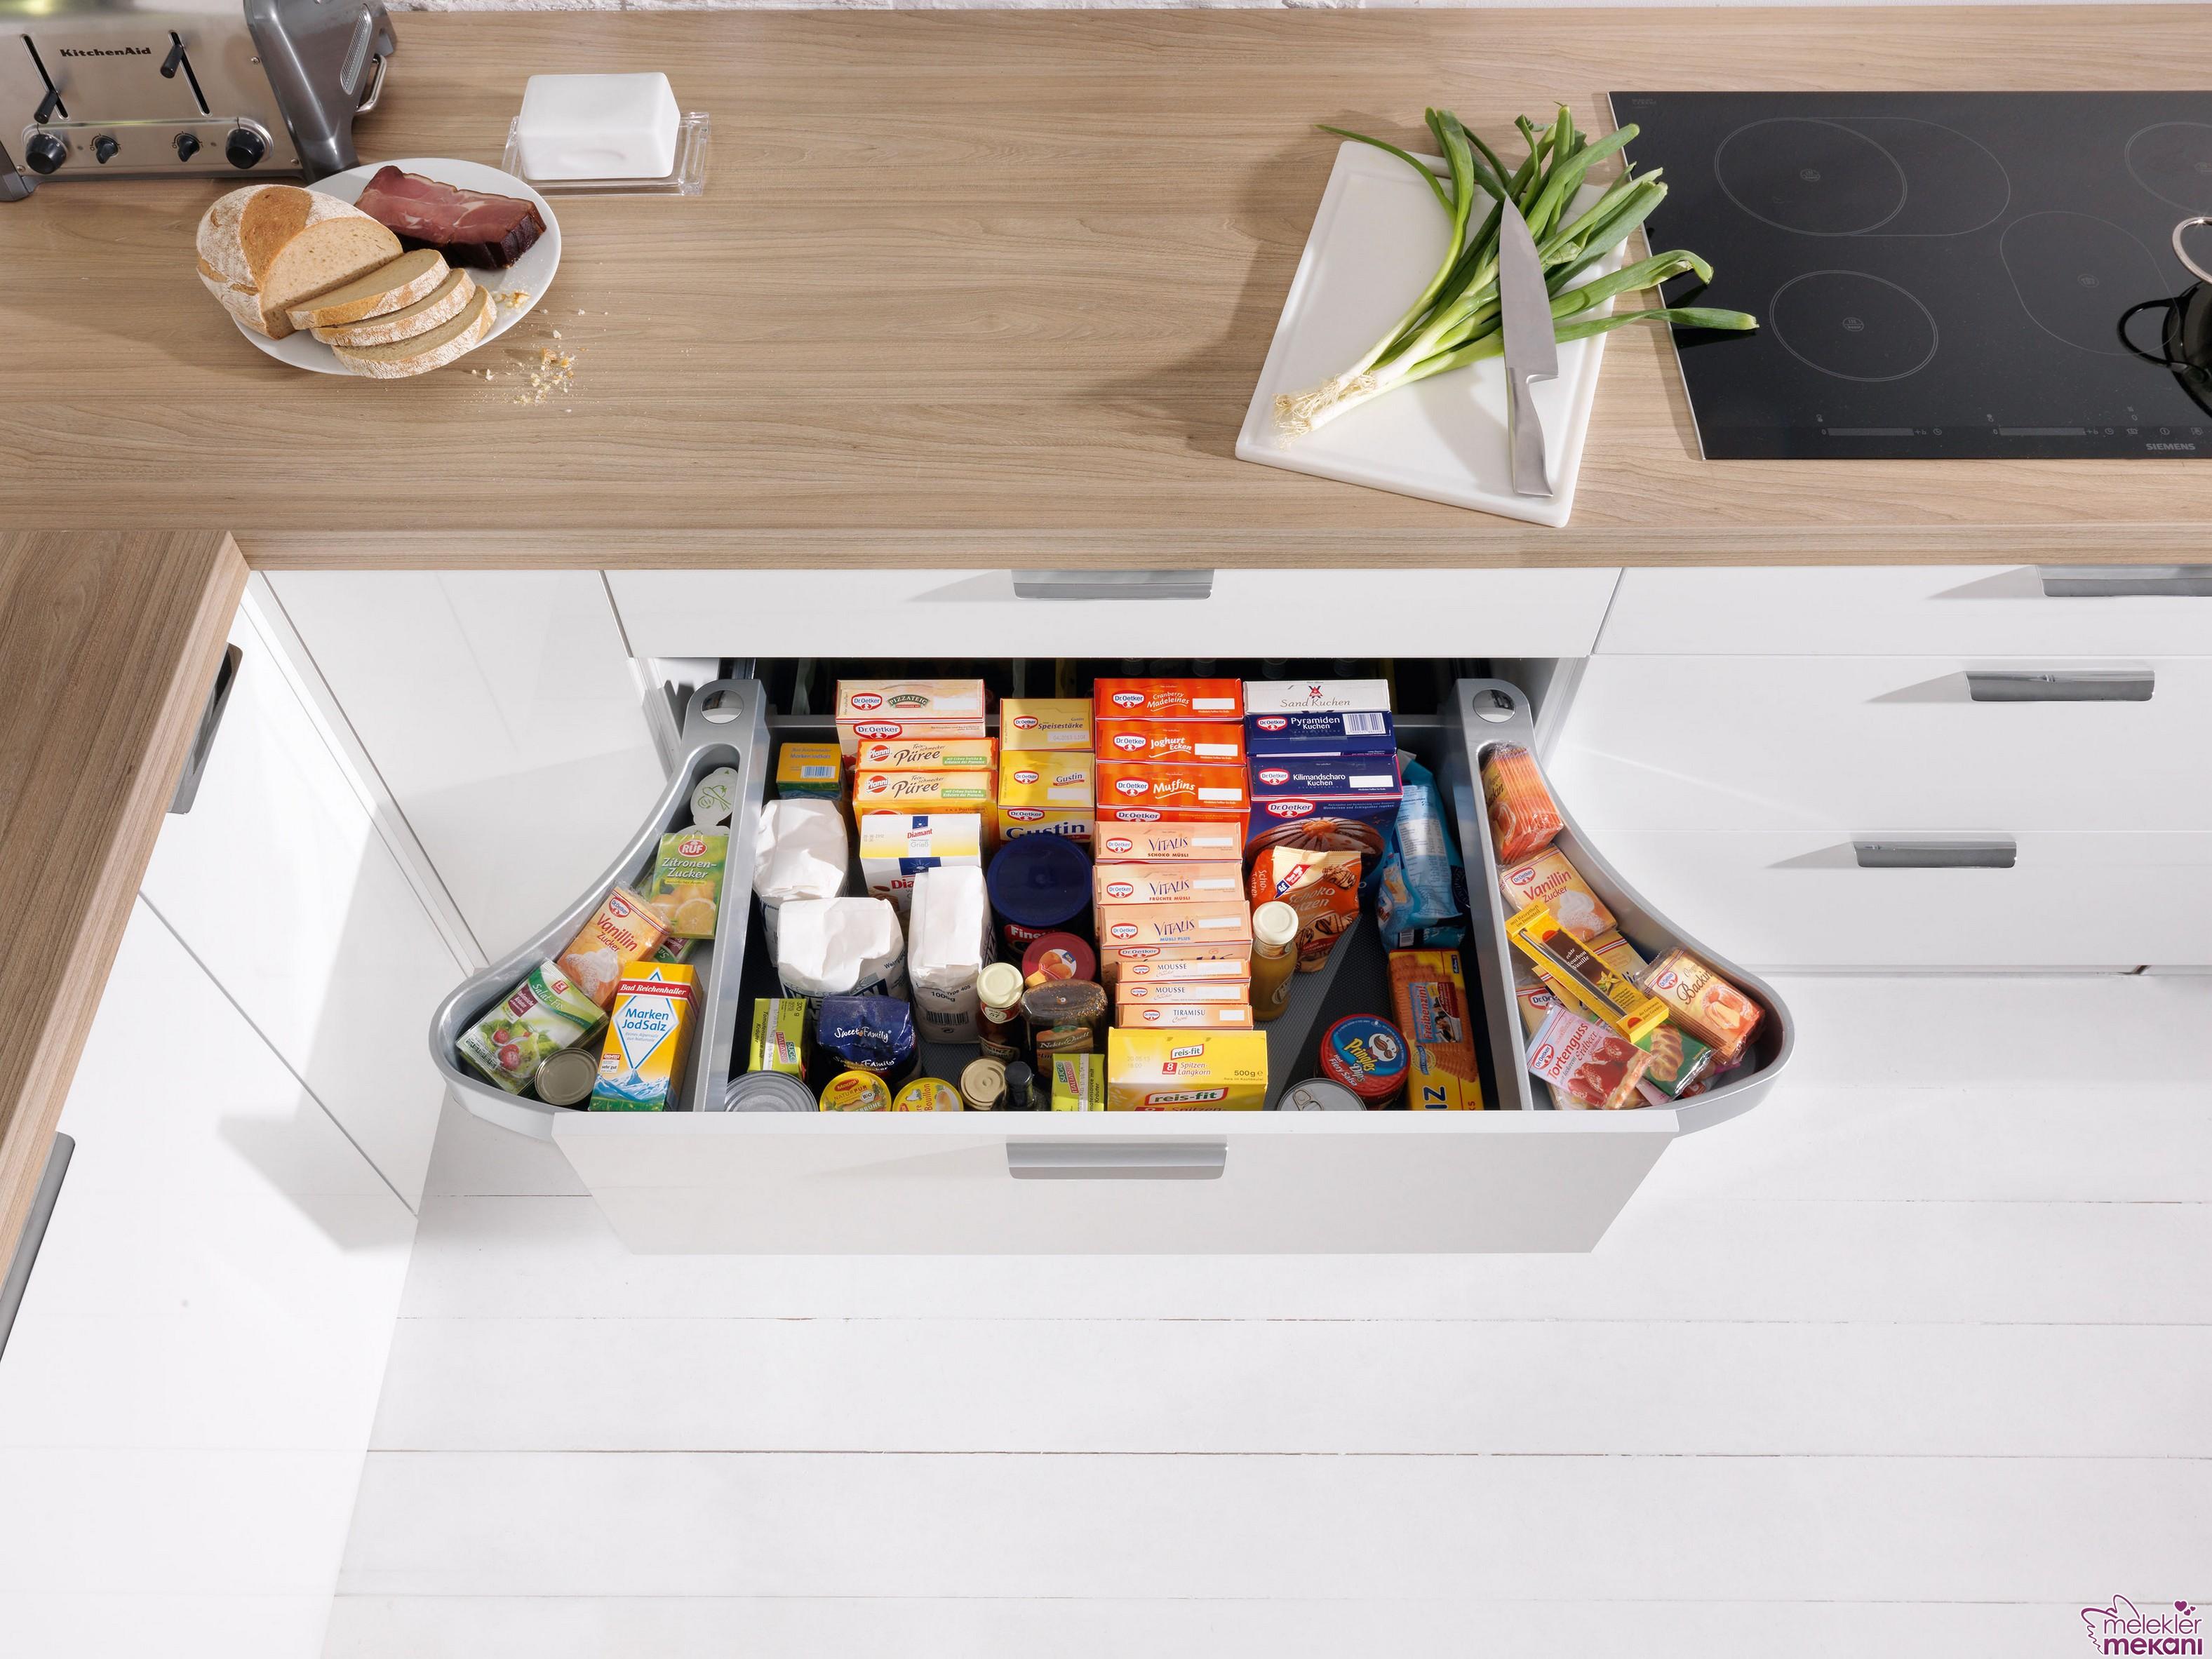 Geniş depolama alanı bulunan mutfak mobilyaları ile mutfağınızda hiçbir eşyanız ele ayağa takılmaz.